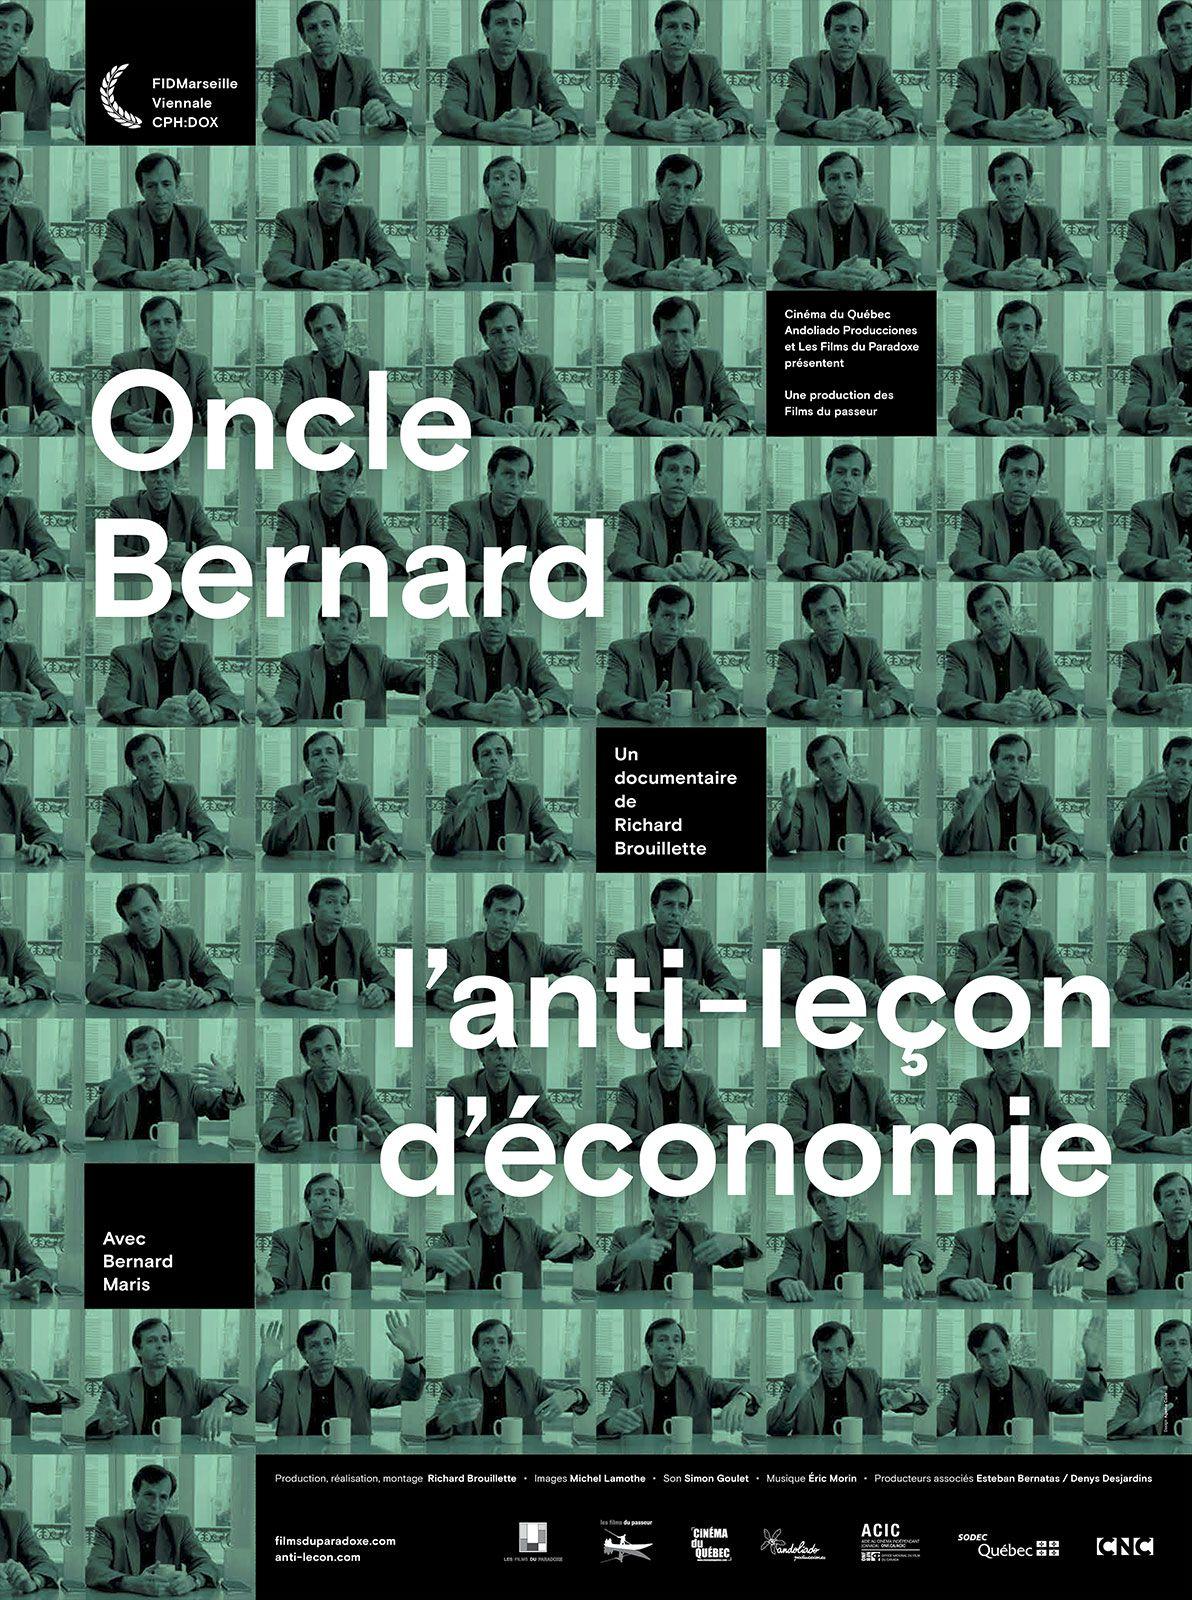 Oncle Bernard – l'anti-leçon d'économie - Documentaire (2015)